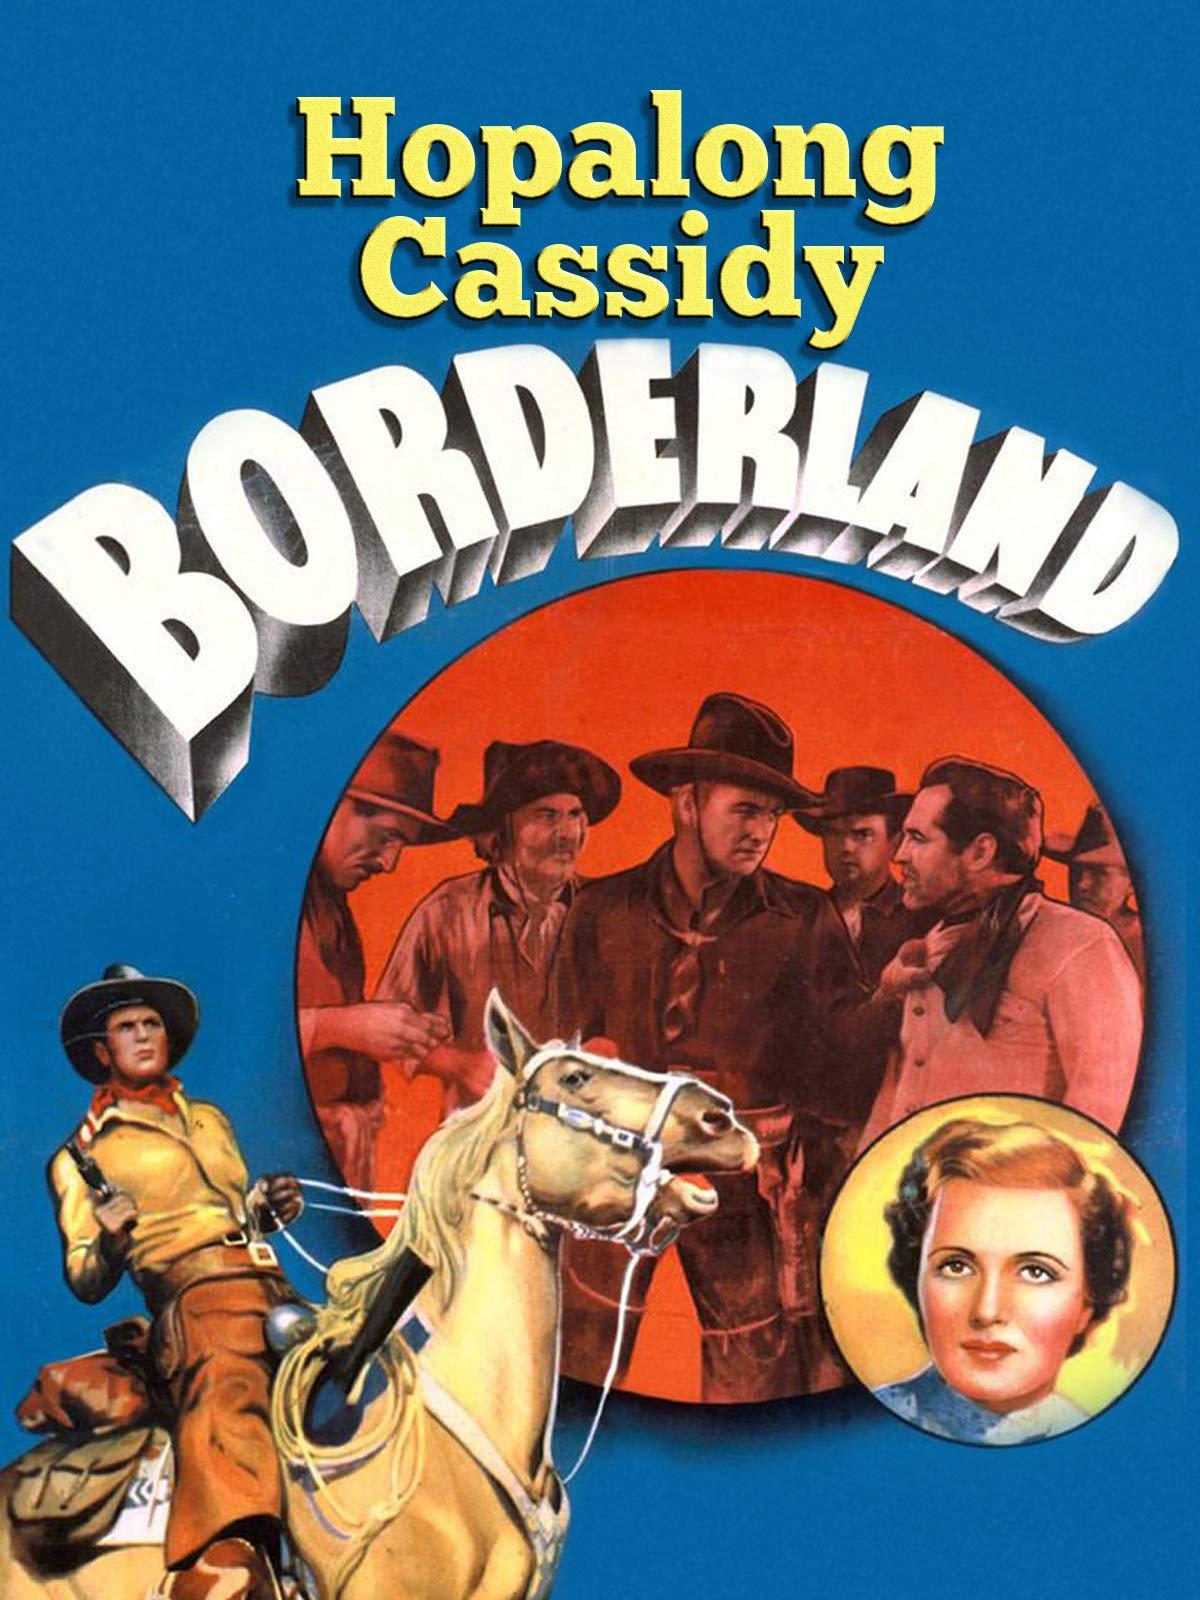 Hopalong Cassidy Borderland on Amazon Prime Video UK